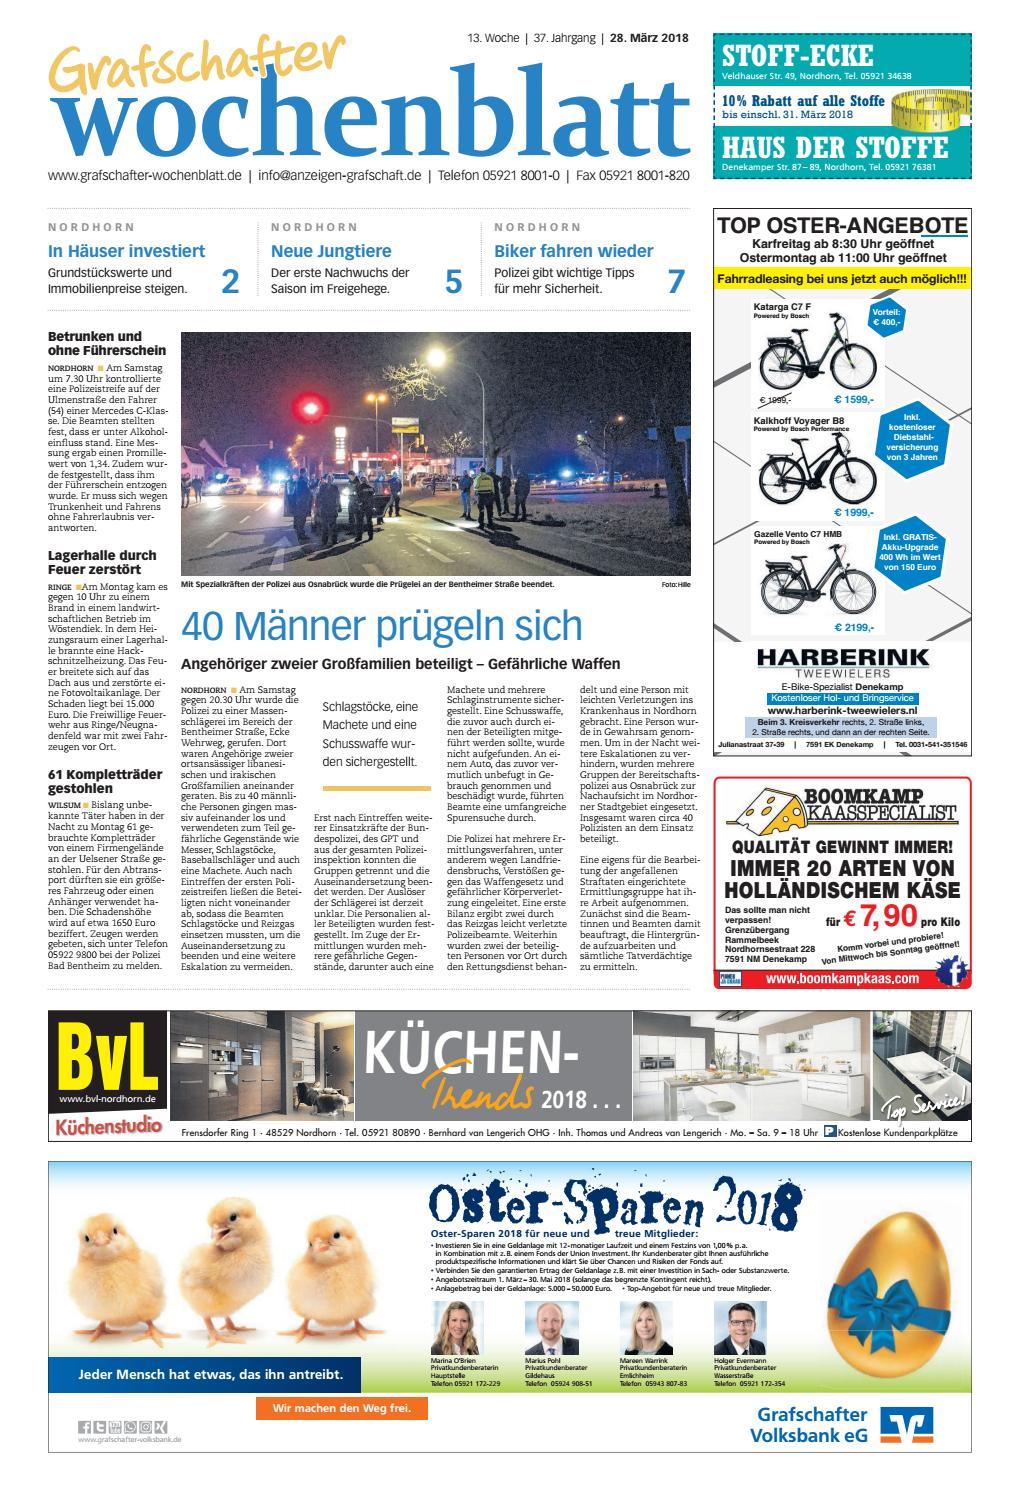 3502d8a73c15a Grafschafter Wochenblatt_28-03-2018 by SonntagsZeitung - issuu